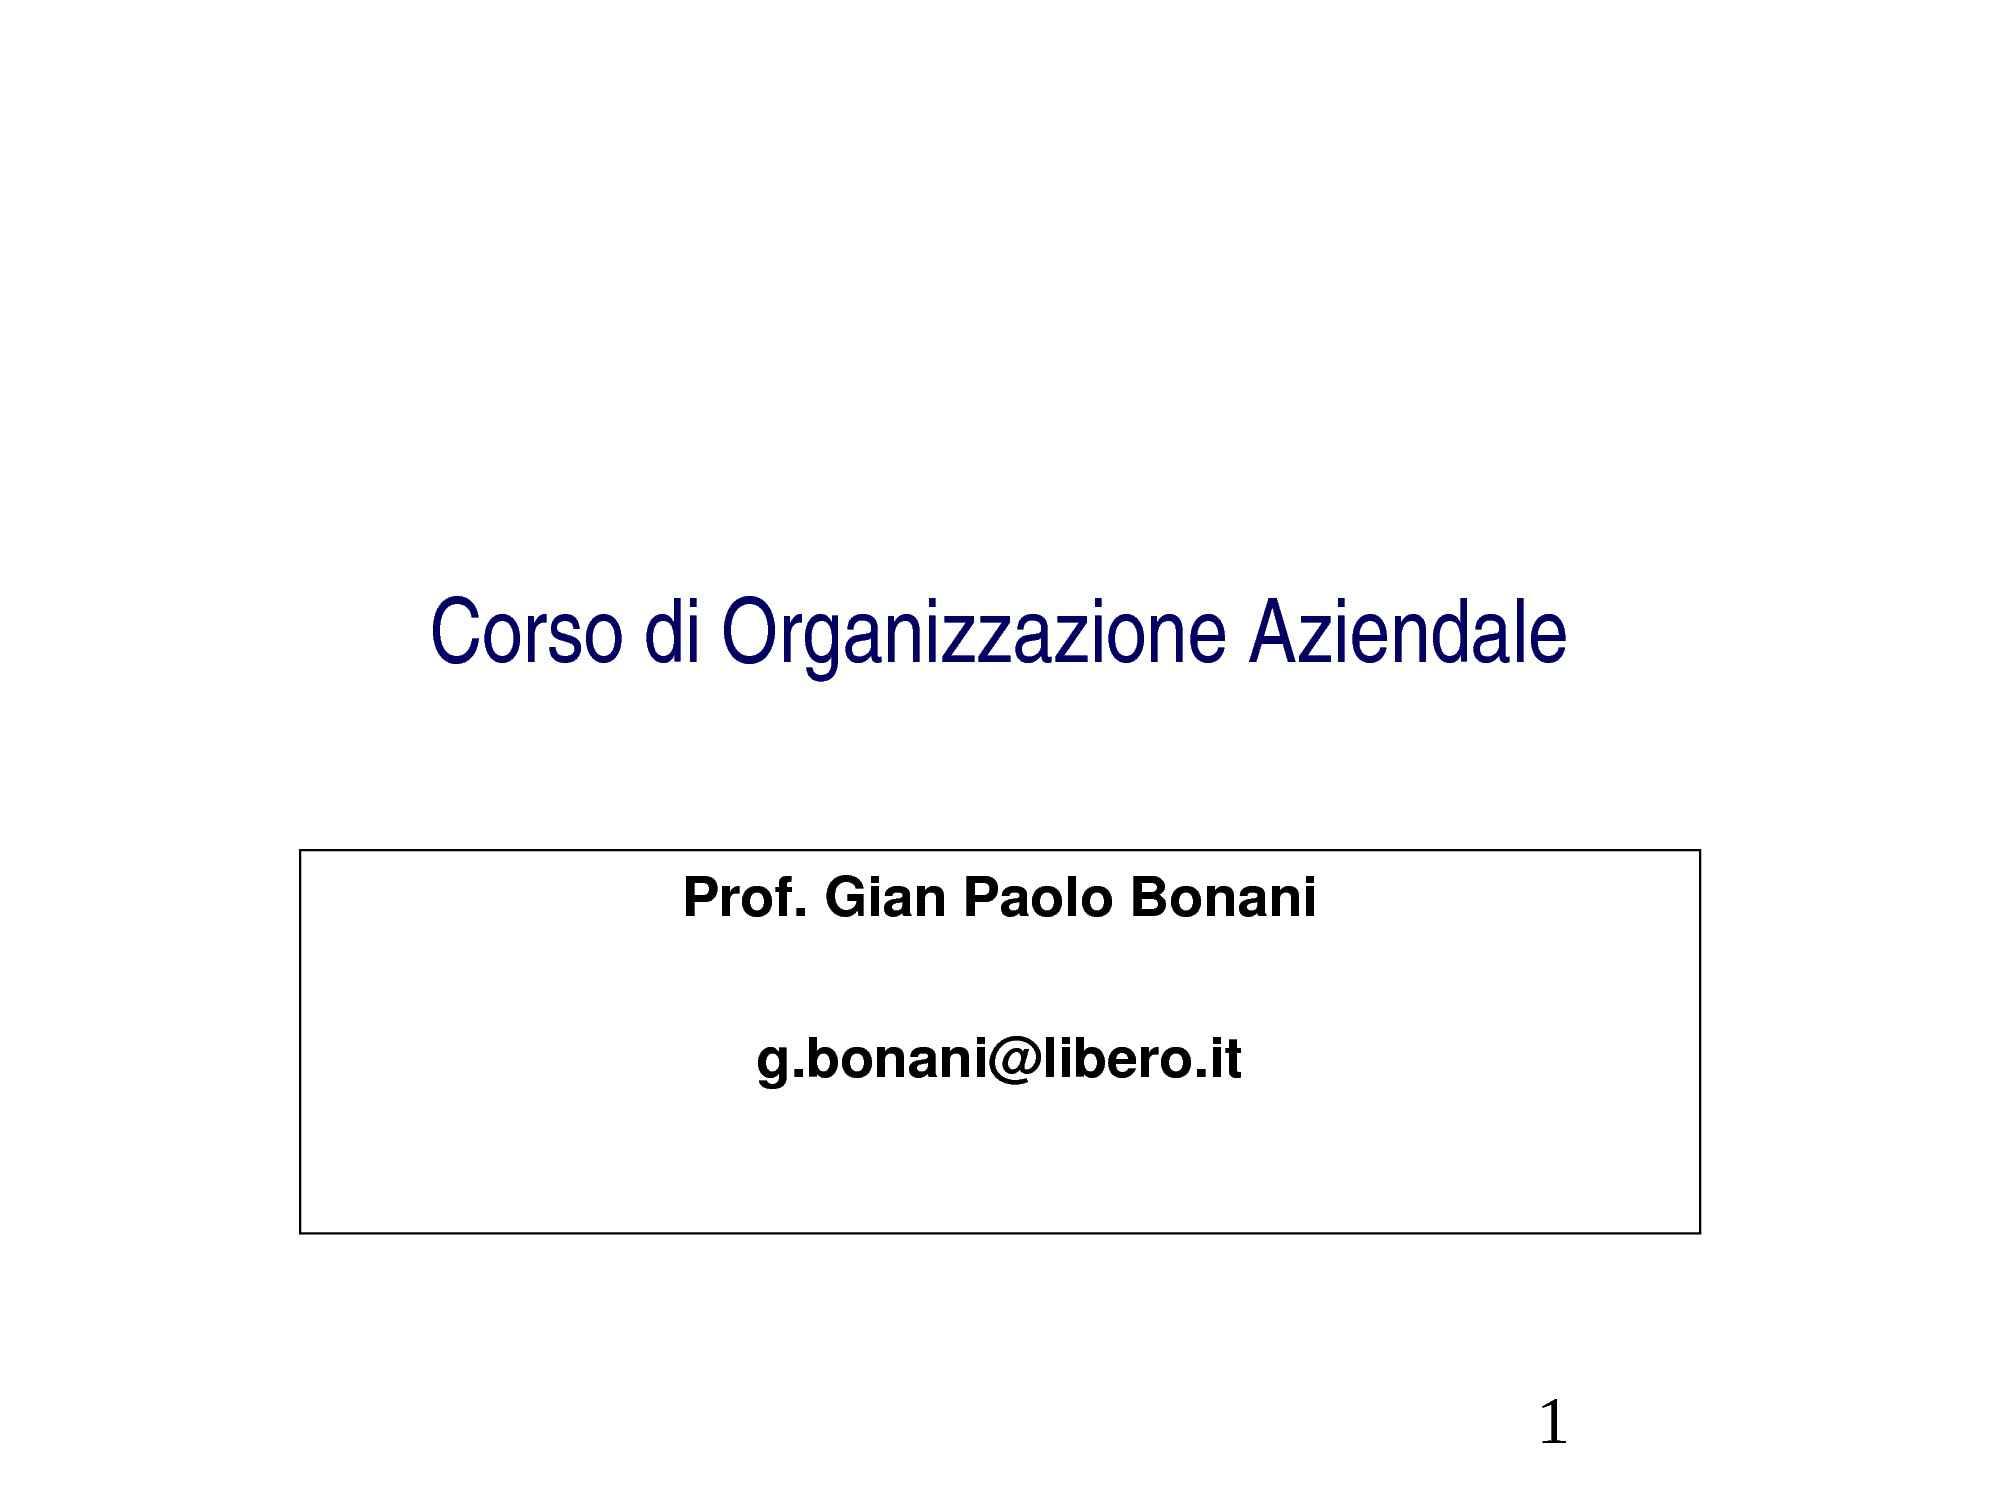 Organizzazione - Idea e struttura